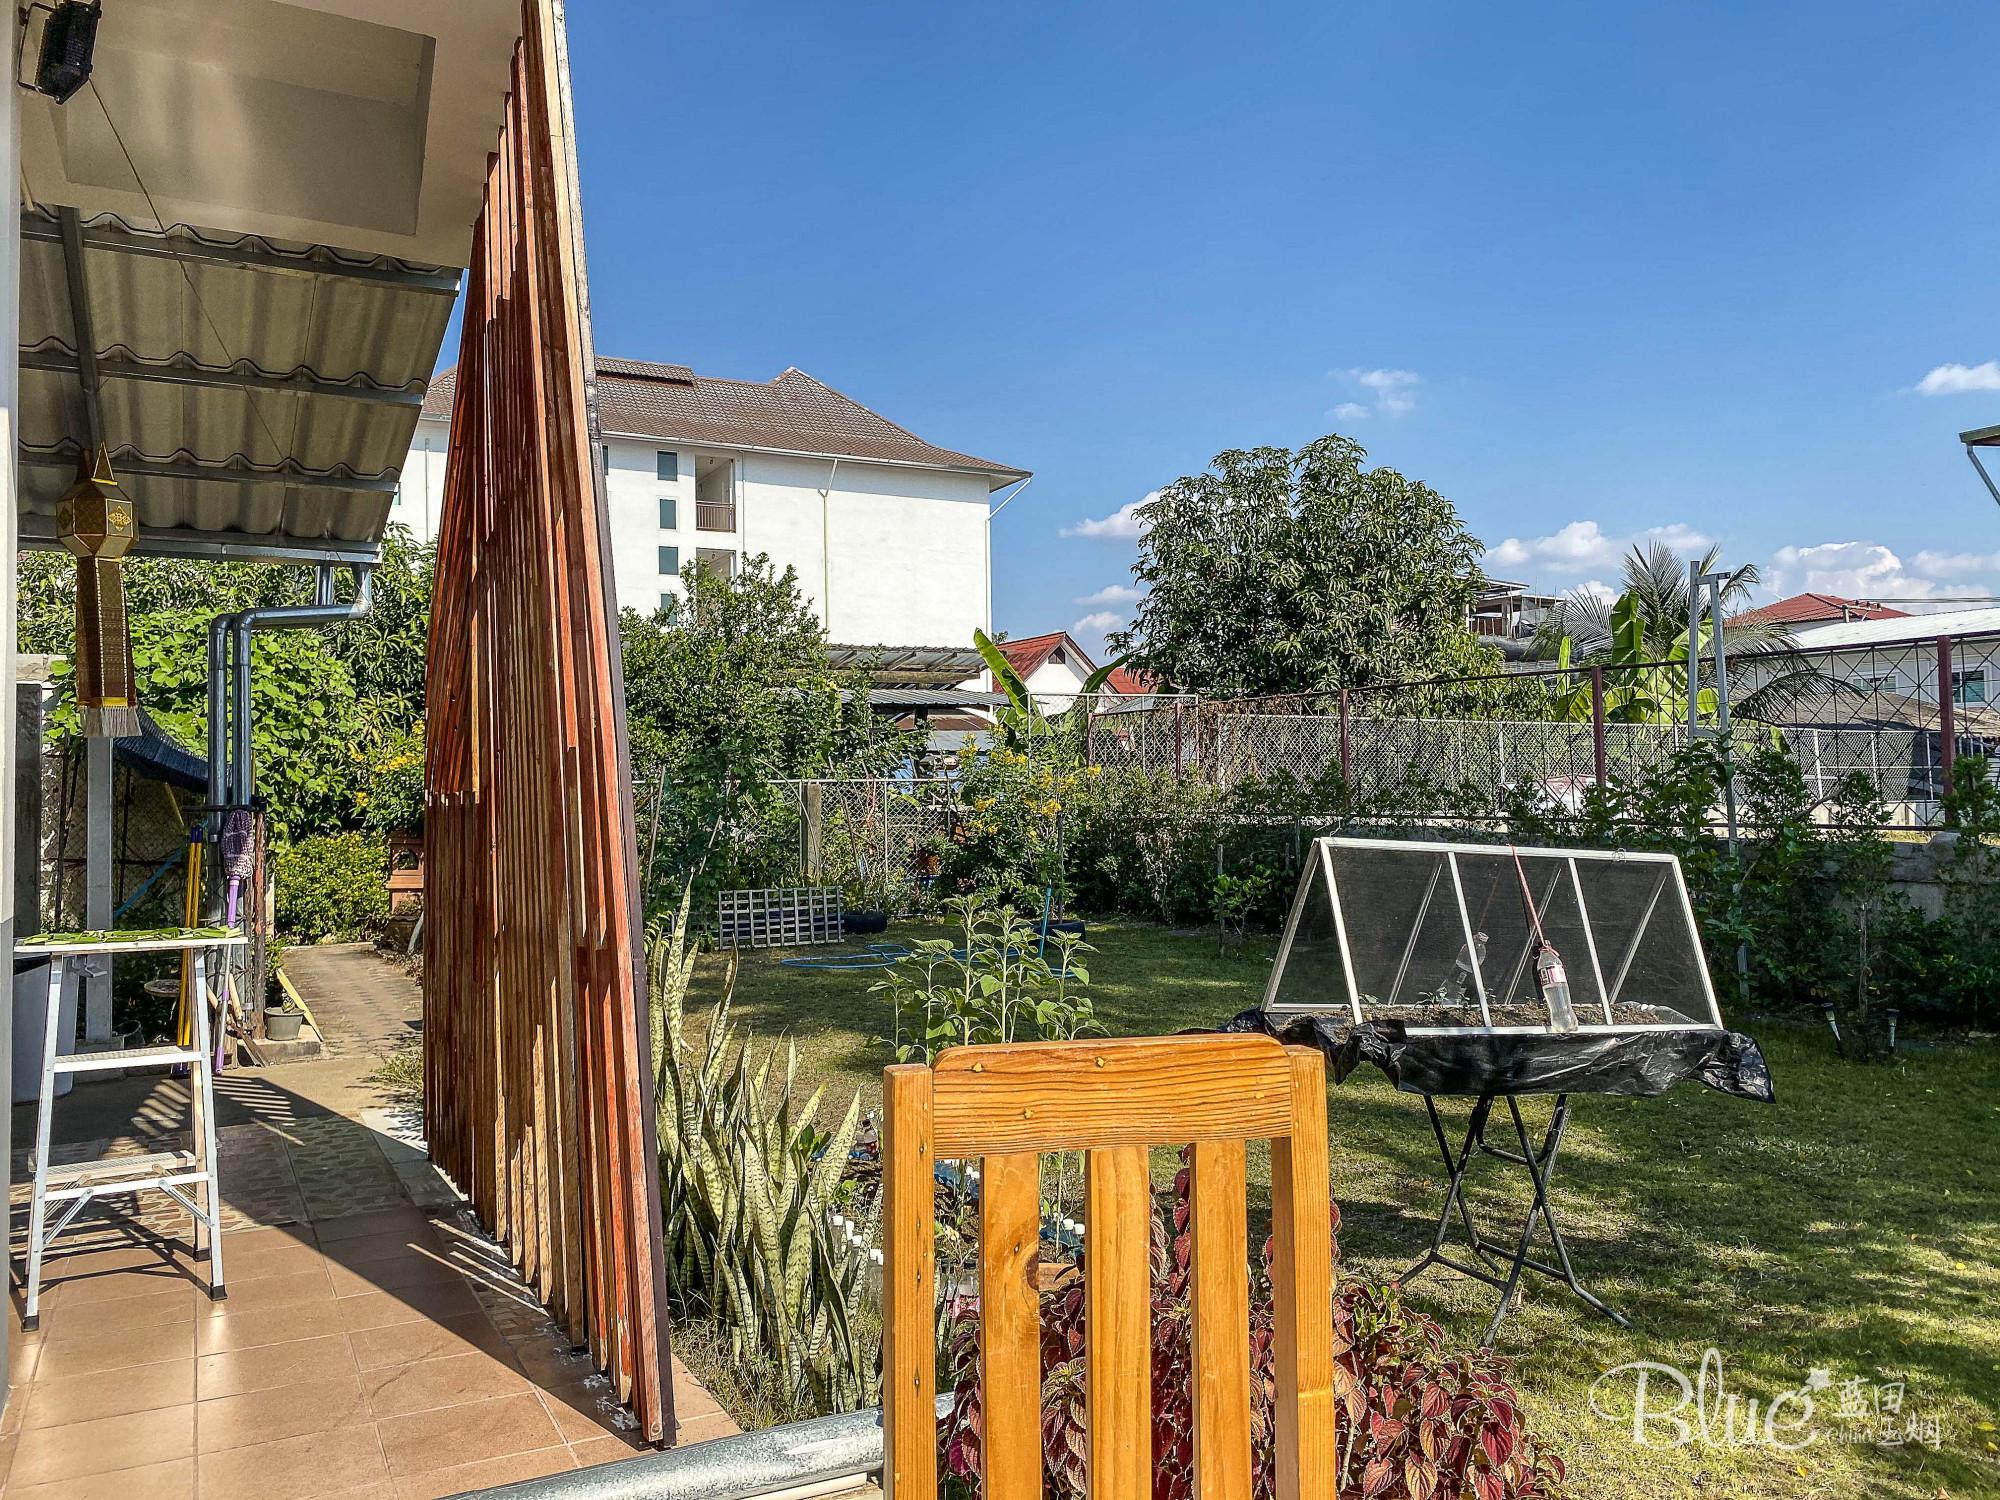 原创             清迈旅行,清迈汽车站附近有漂亮的花园式小客栈,比古城便宜好多